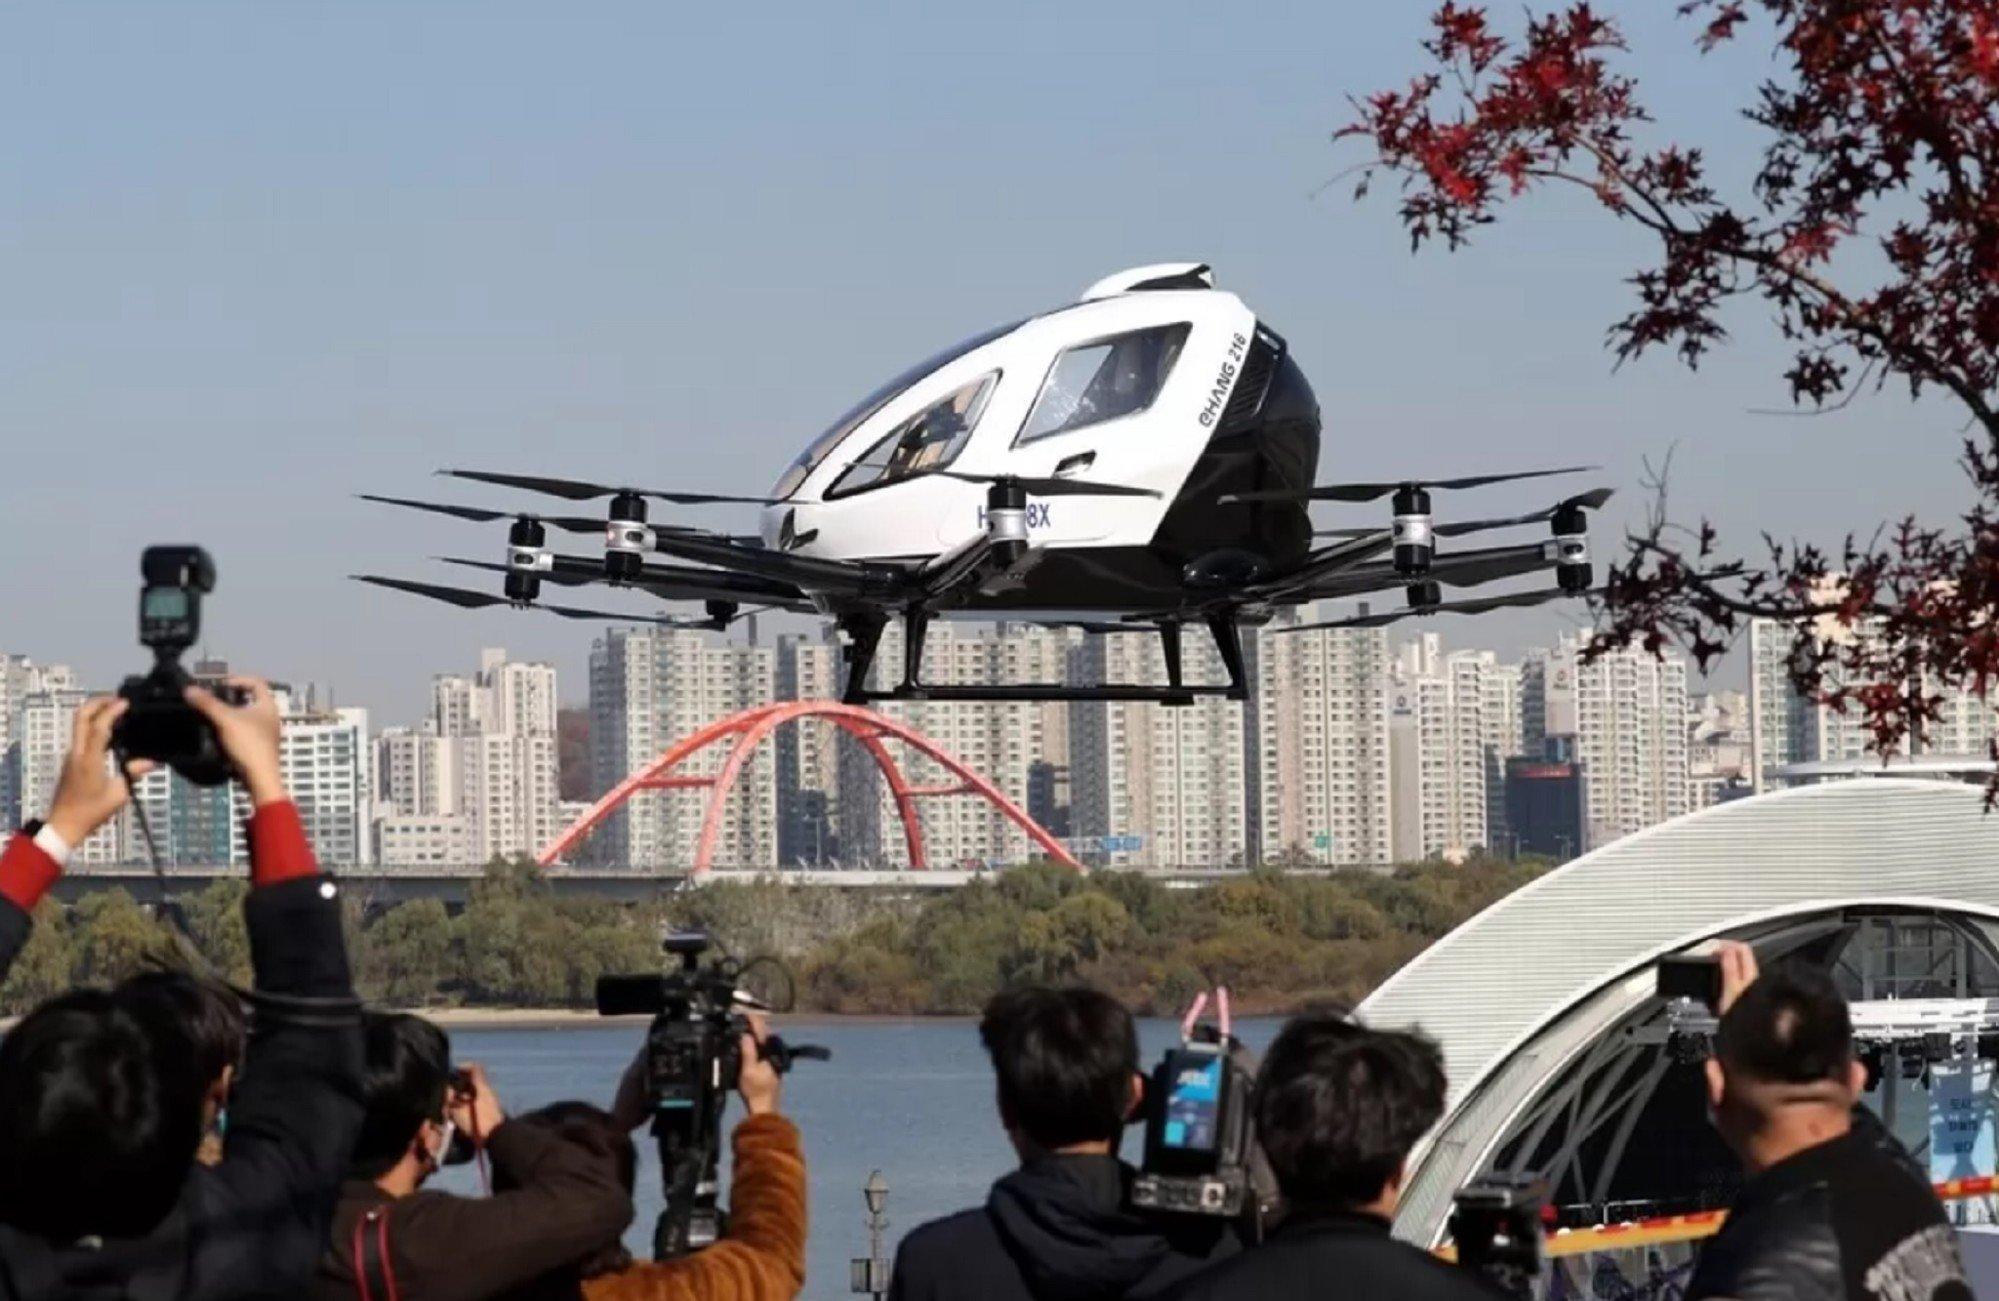 В Сеуле протестировали воздушное беспилотное такси (фото, видео) 2